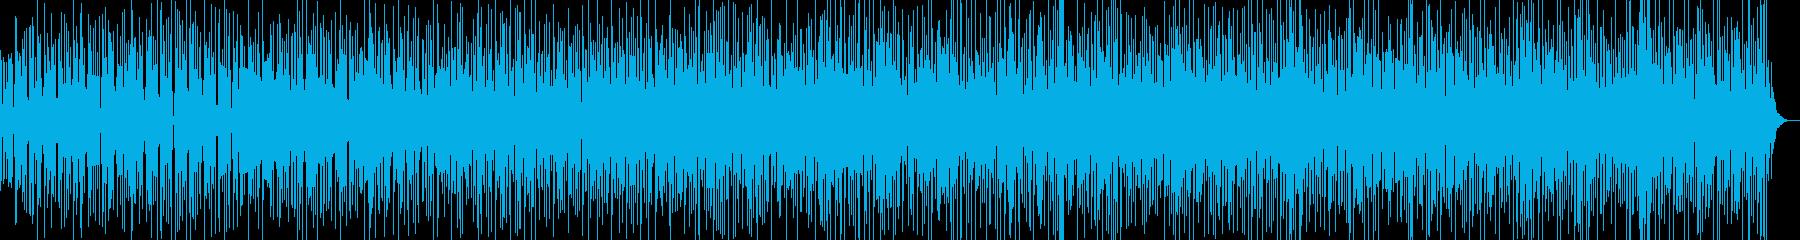 ディープなラテンのソンアフロとギターの再生済みの波形